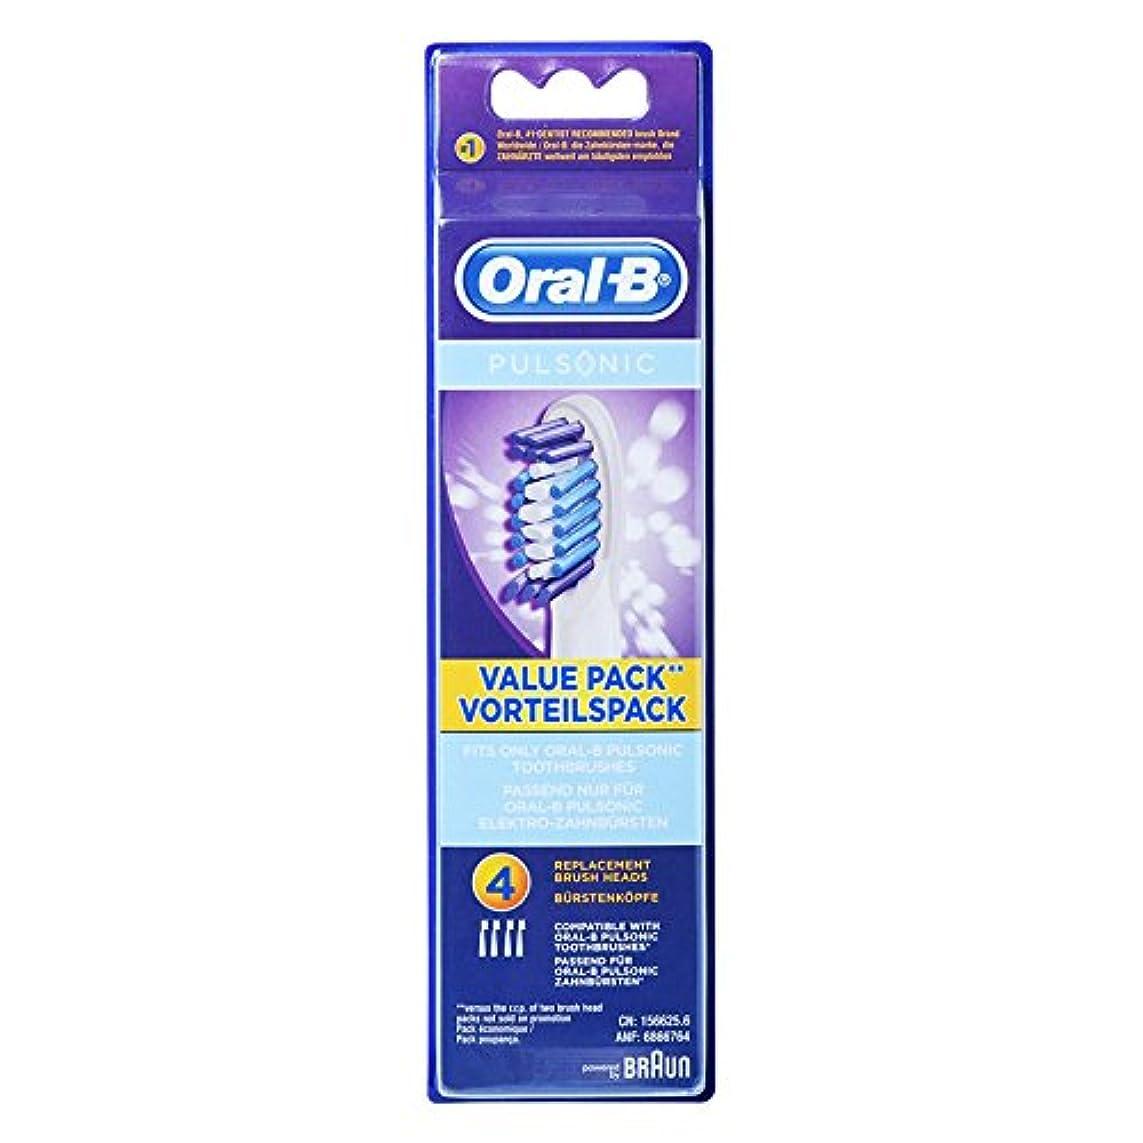 ナラーバー苦痛昨日Braun Oral-B SR32-4 Pulsonic Value Pack 交換用ブラシヘッド 1Pack [並行輸入品]